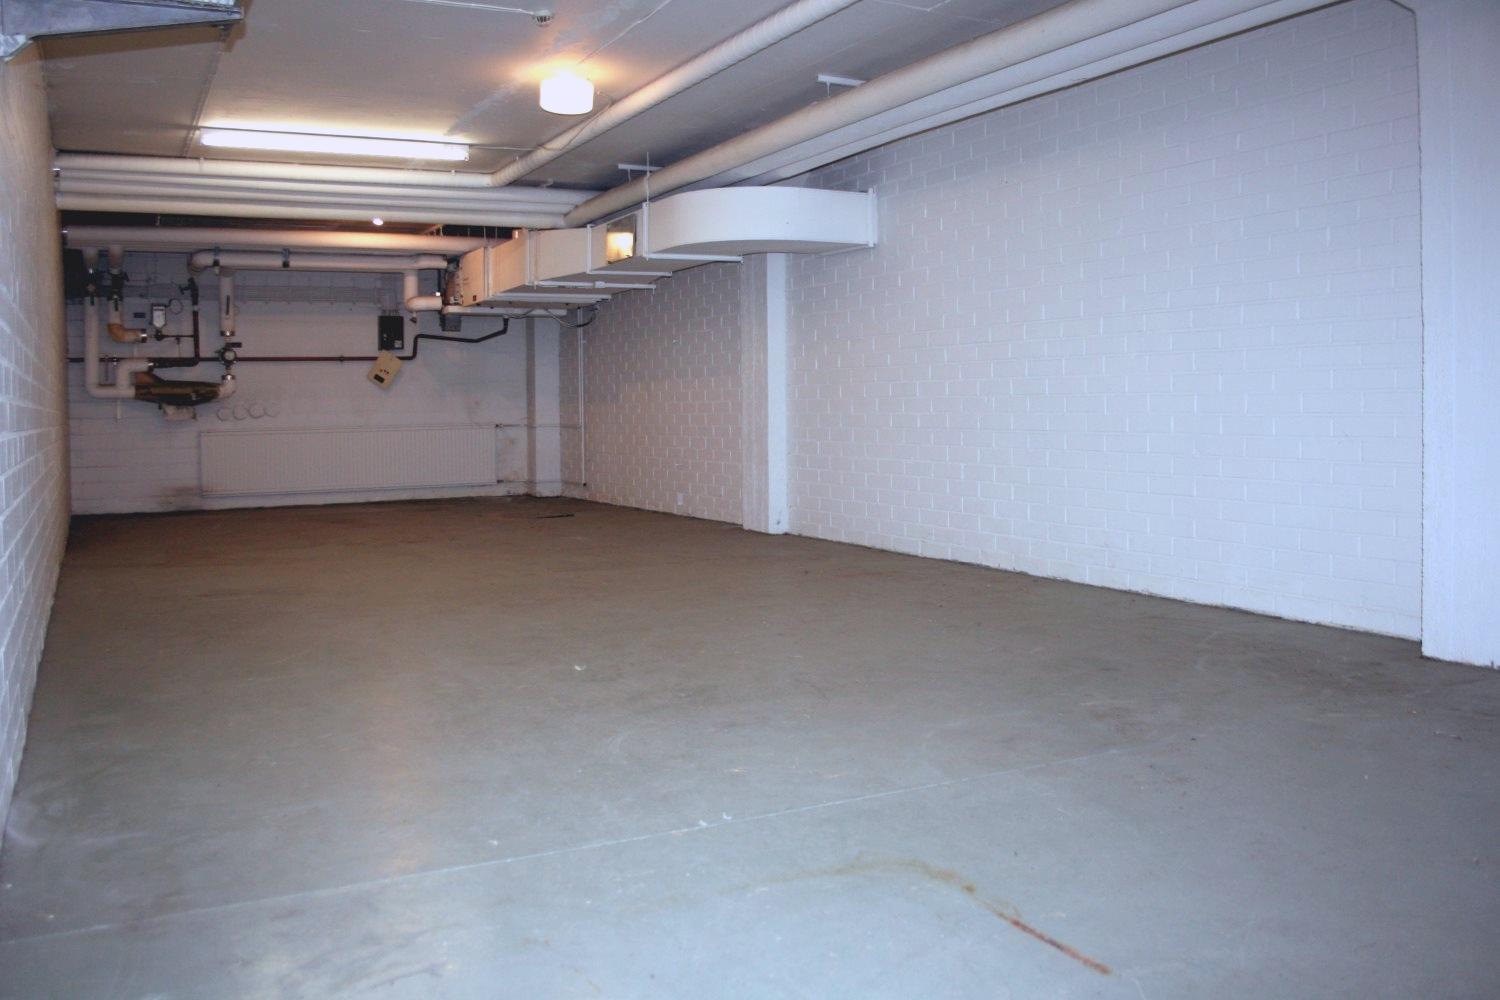 Vuokrattu varasto 62 m² Kiviruukista. Tuotanto- tai varastotilasta 353 m² uusia kuvia. - Ruukinkuja 4:stä Espoon Kiviruukista vuokrattiin juuri 62 m²:n kokoinen varasto rakennuksen alimmasta kerroksesta.Samassa rakennuksessa on juuri vapautumassa mm. tuotanto- tai varastotila 353 m², johon on kulku suoraan lastauslaiturilta. Katso uudet kuvat.